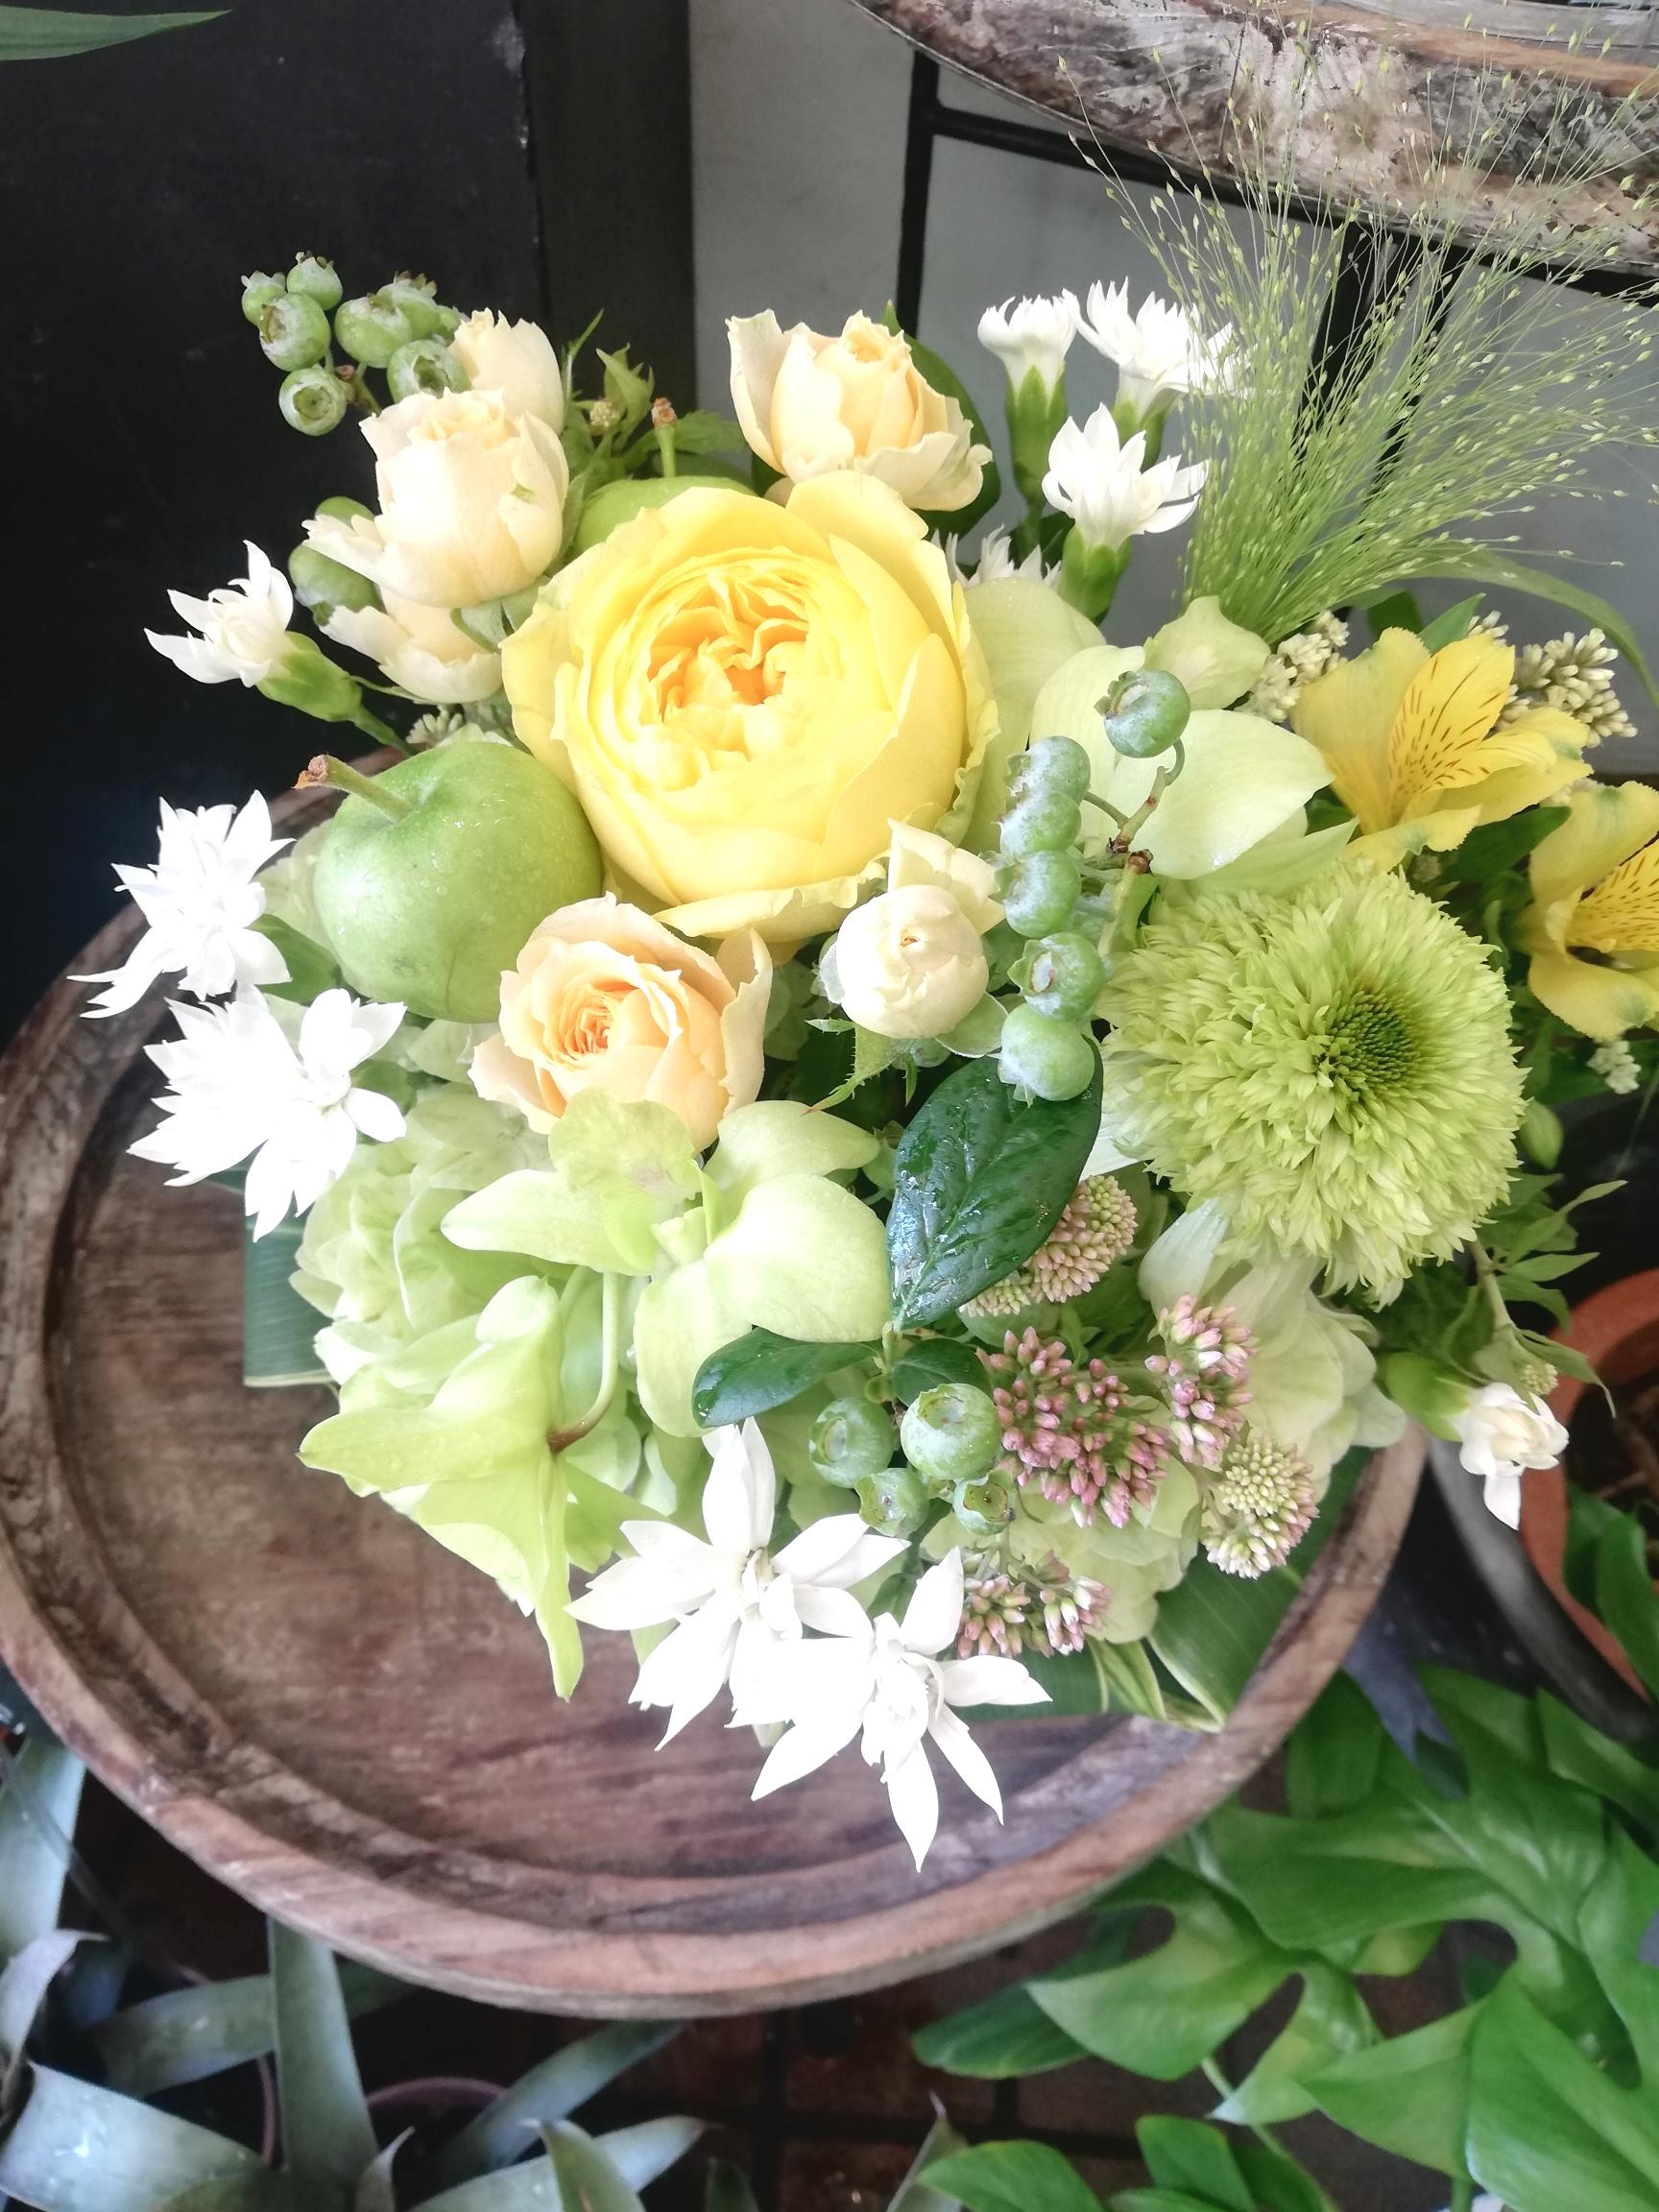 大切な家族であるペットのお悔やみで捧げるお花